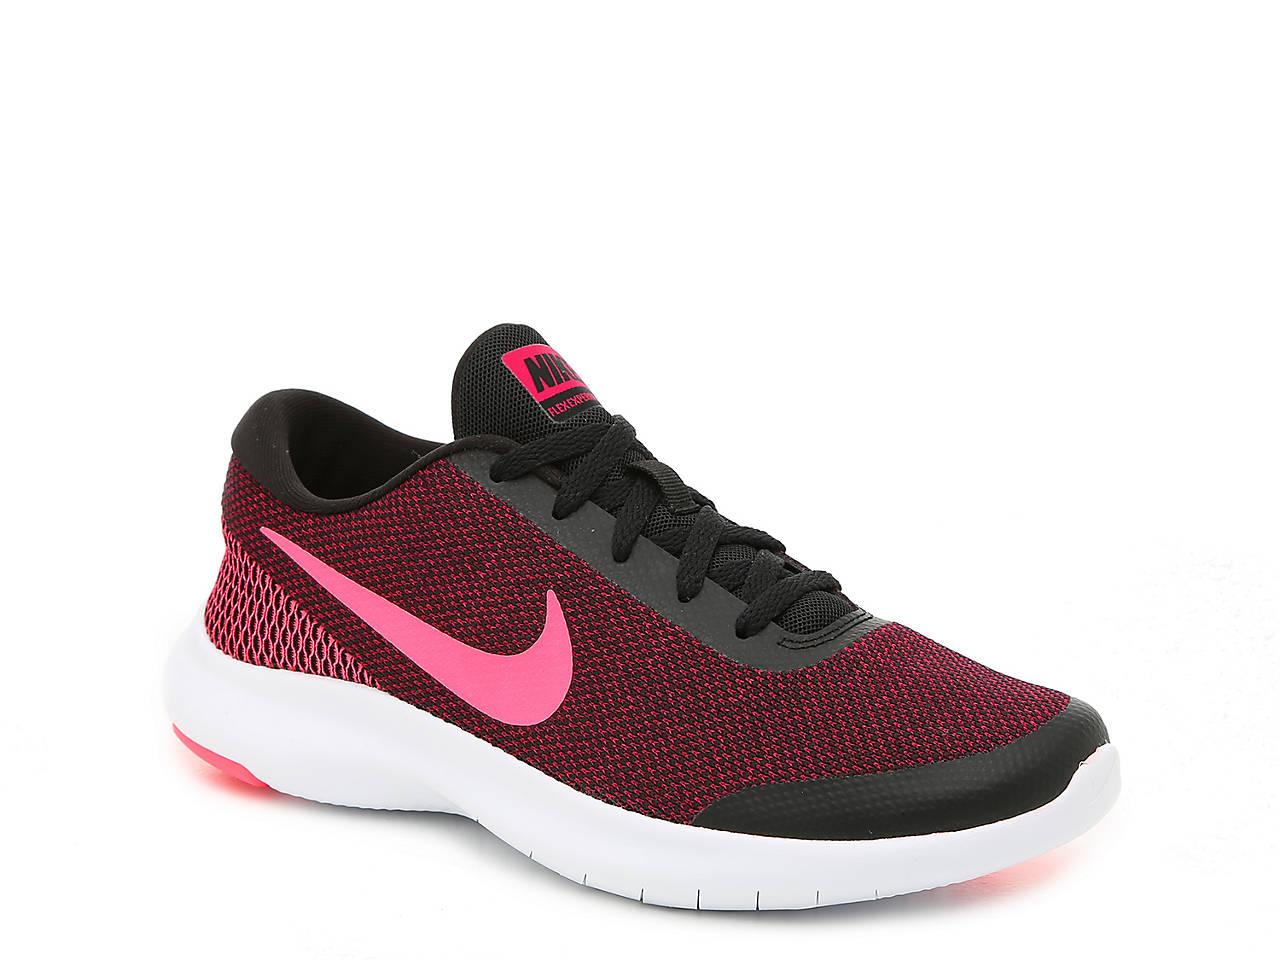 6334fb067929 Nike Flex Experience RN 7 Lightweight Running Shoe - Women s Women s ...